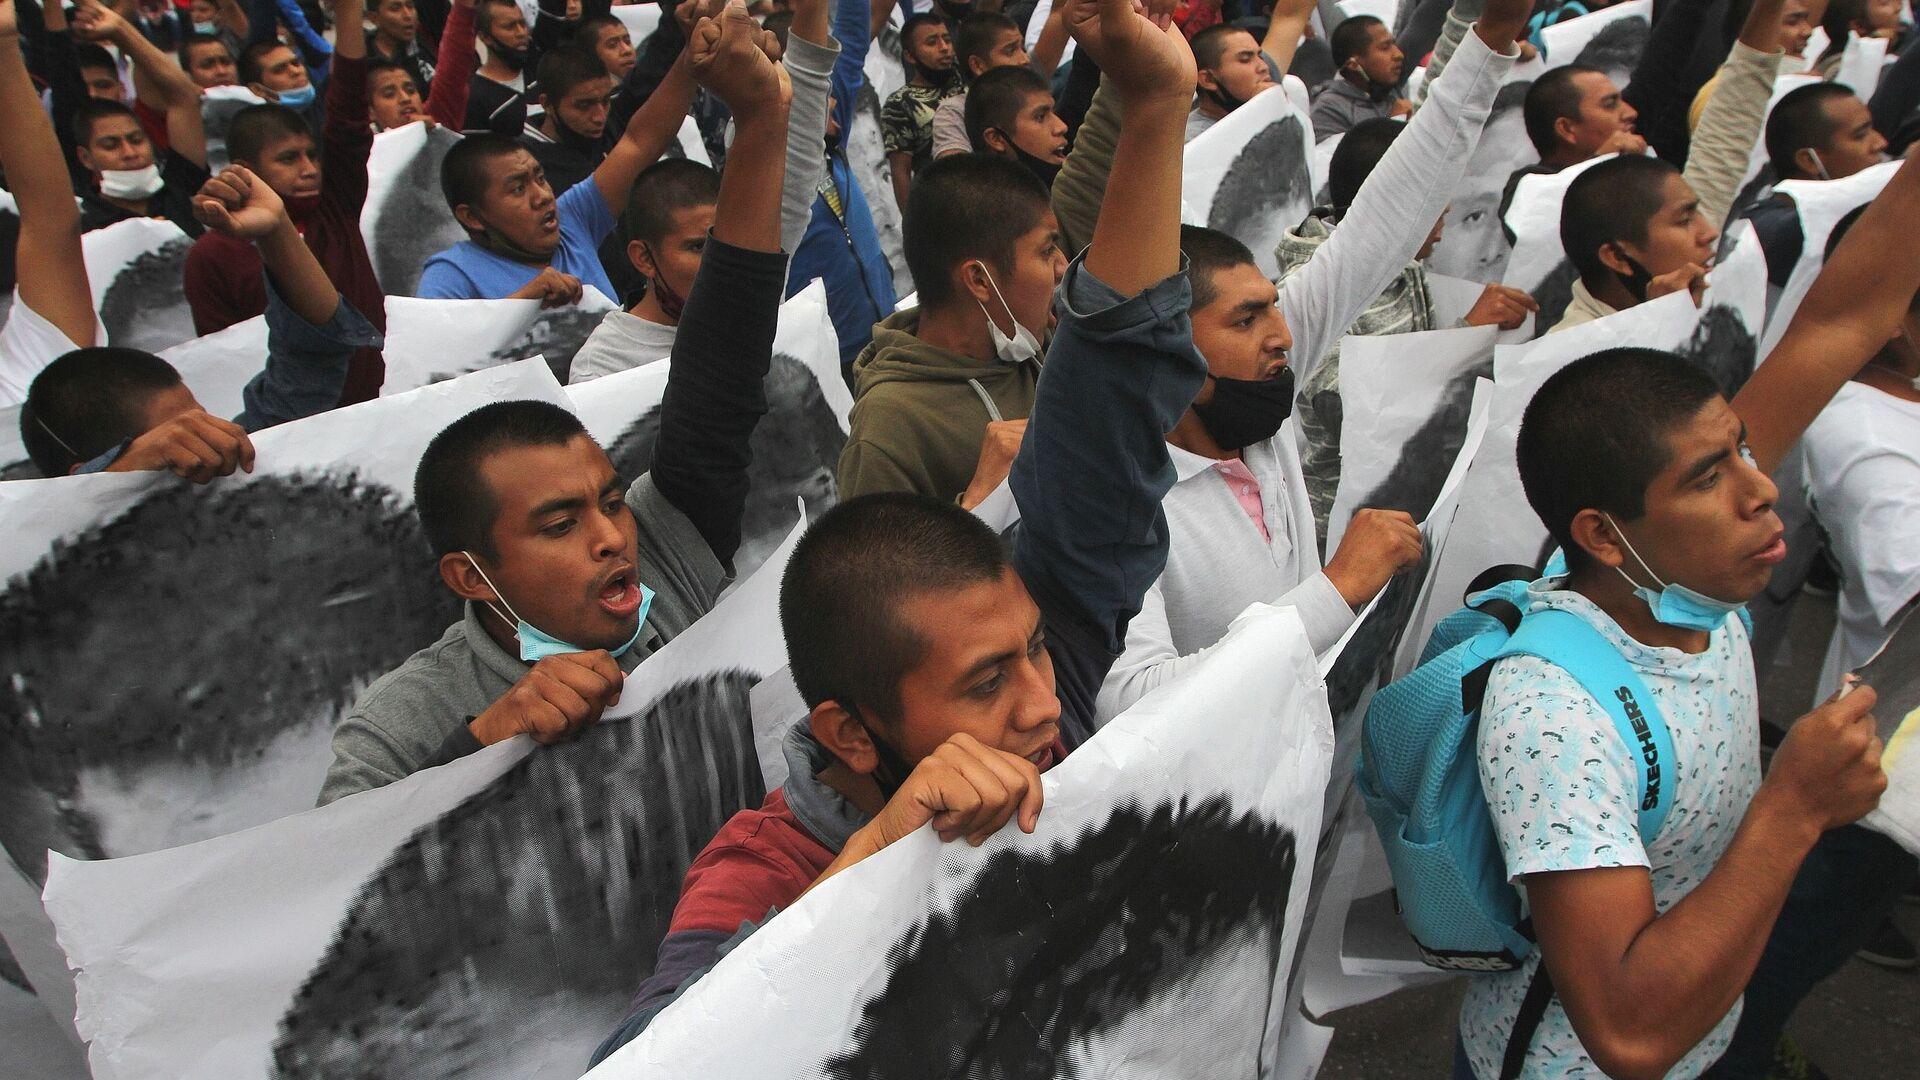 Conmemoran en CDMX seis años de la desaparición forzada de los estudiantes de Ayotzinapa - Sputnik Mundo, 1920, 13.08.2021